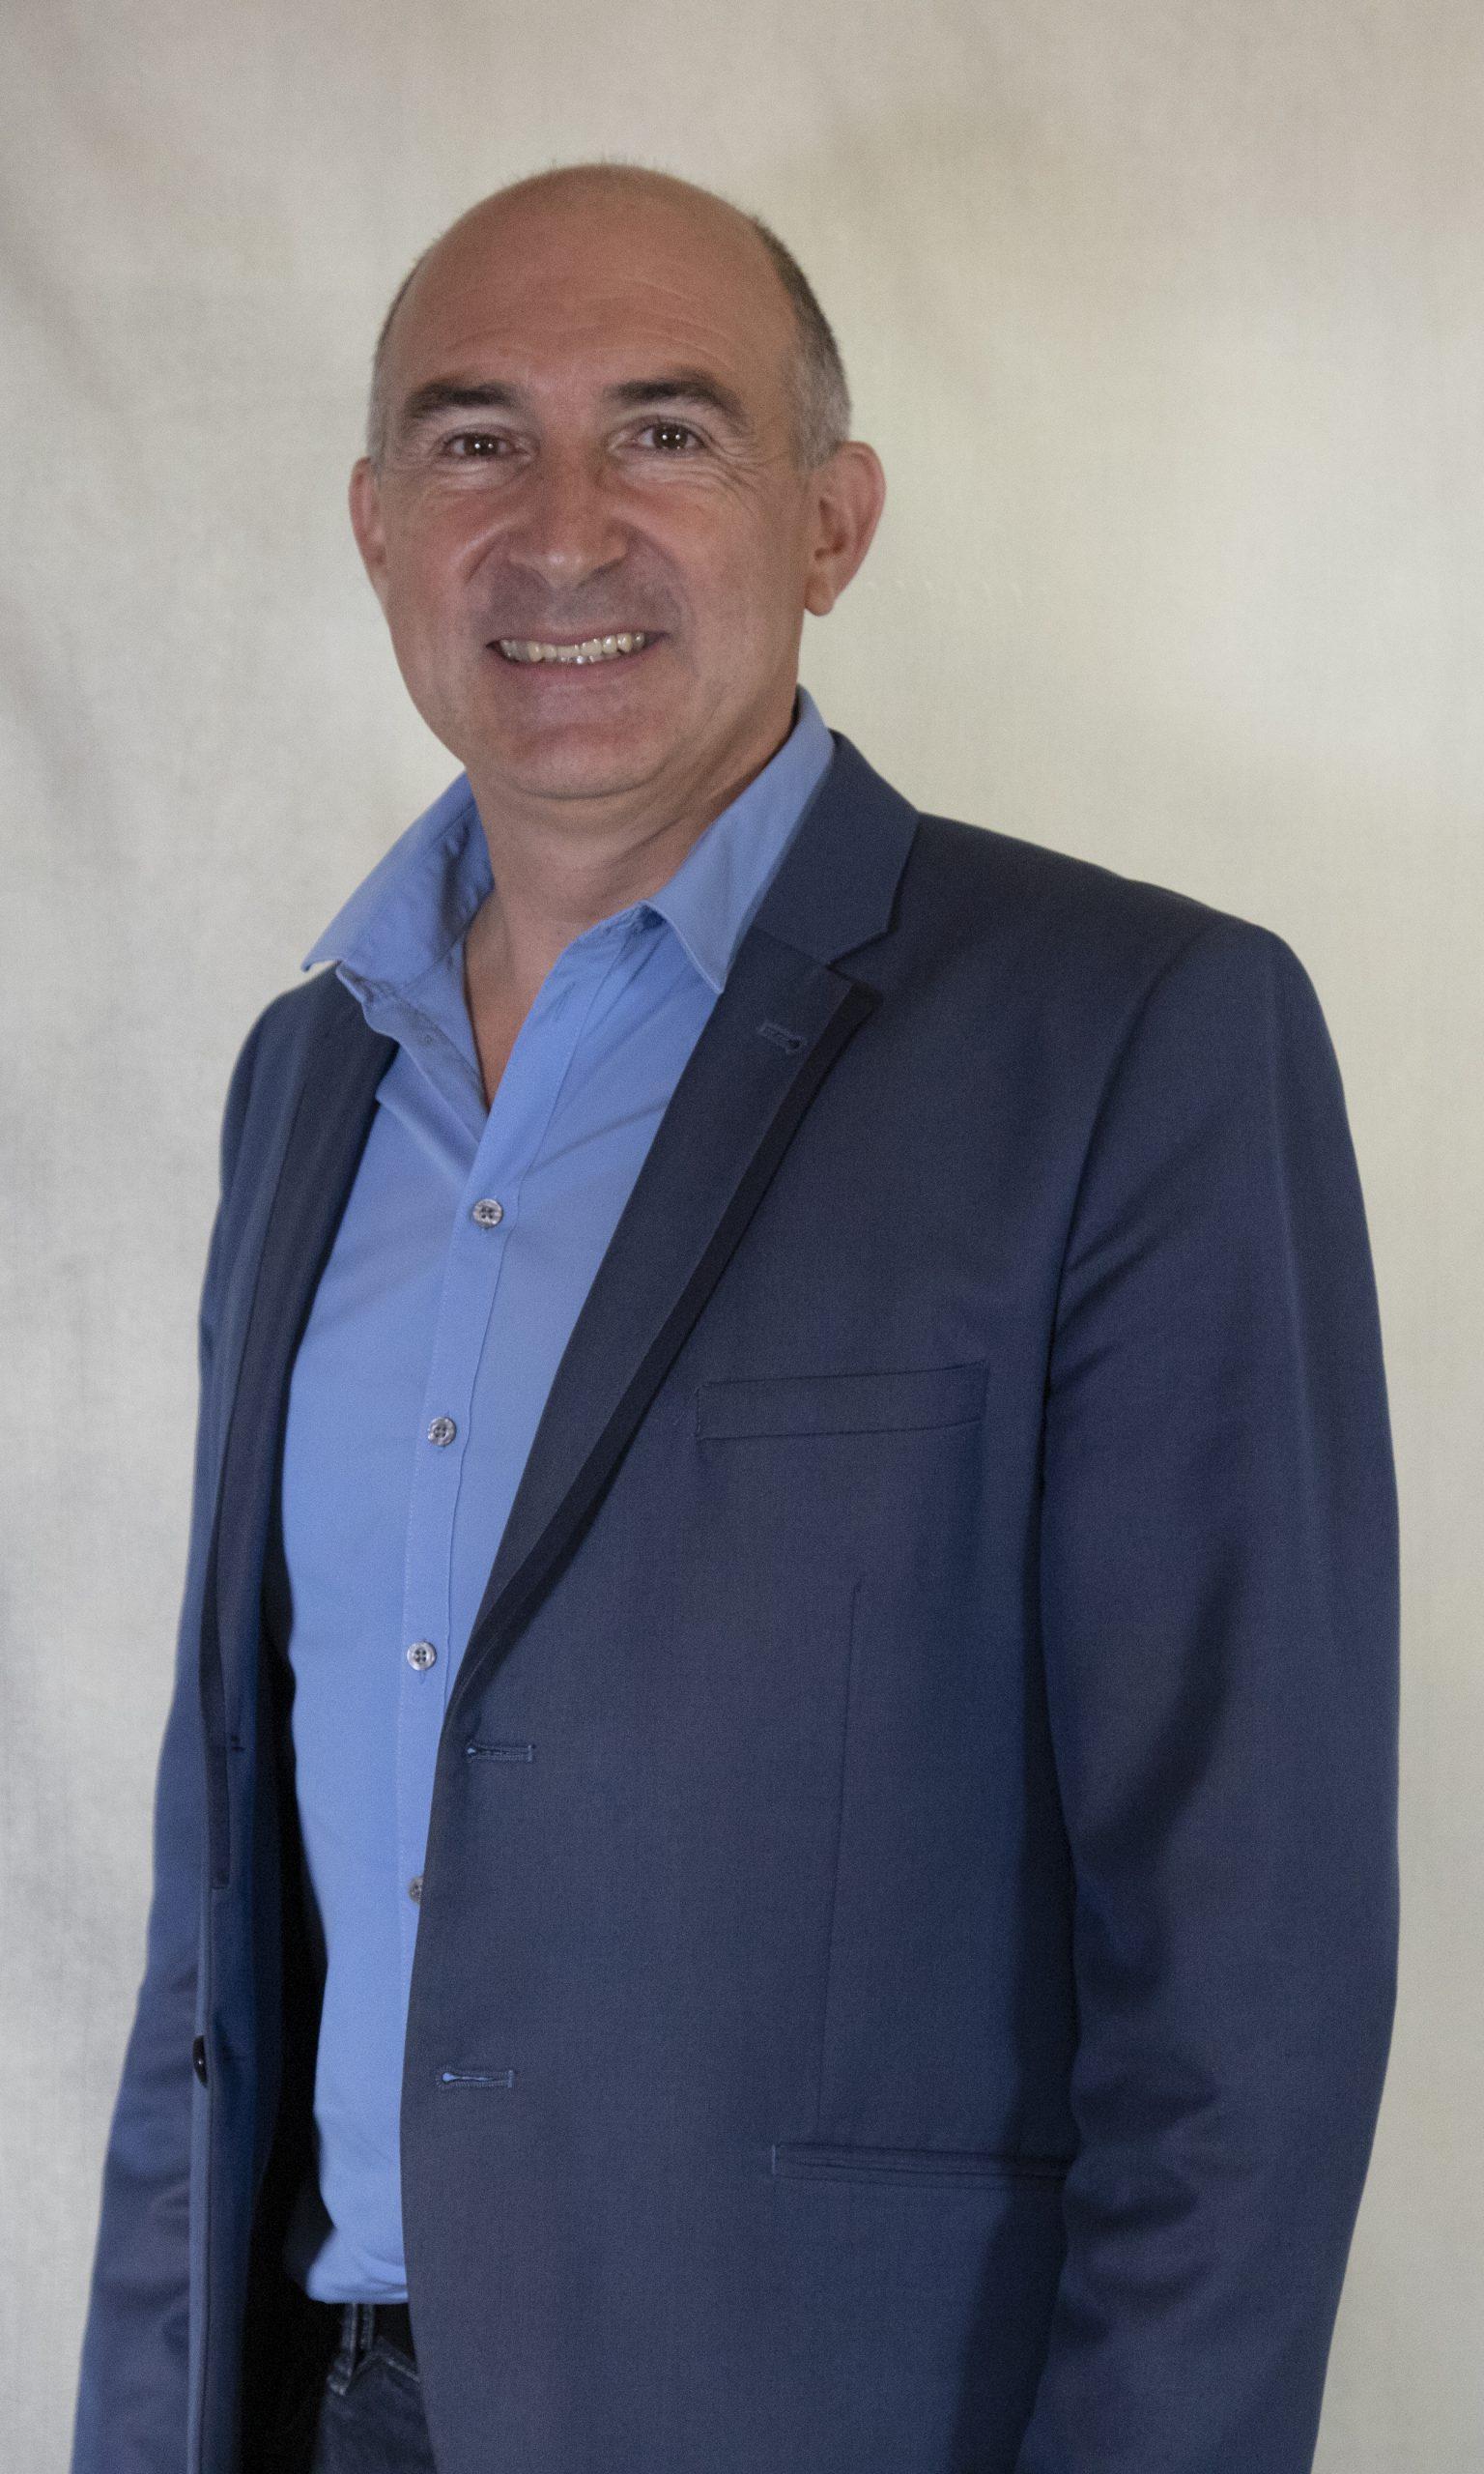 François-Xavier Duny